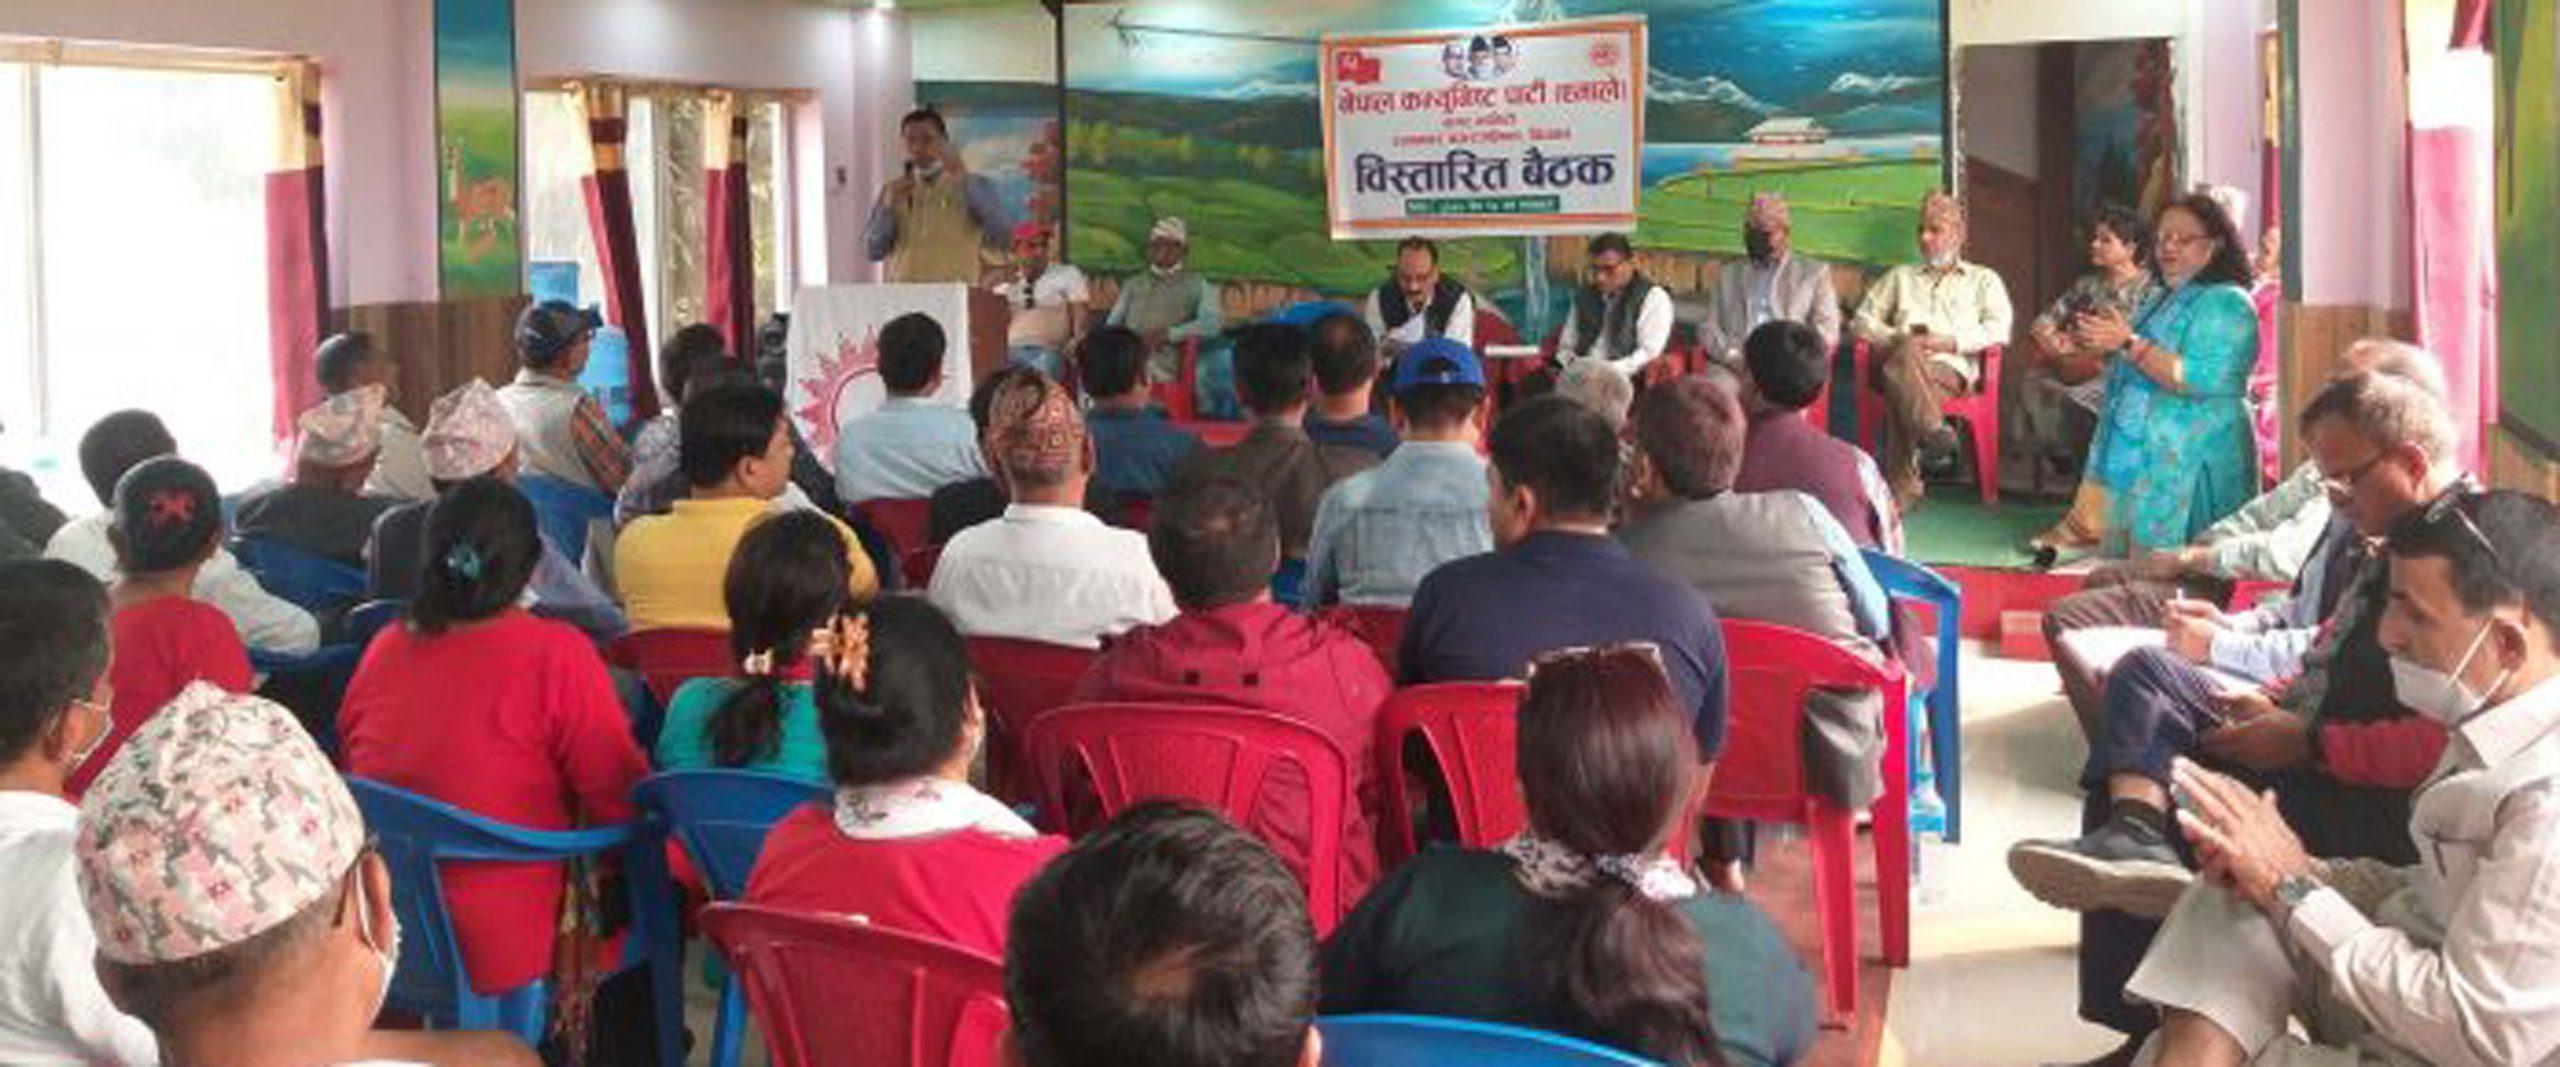 रत्ननगरमा ब्यूताइयो नेकपा एमाले : २०७३ साल जेठ २४ गते निर्वाचित नगर कमिटीलाई मान्यता